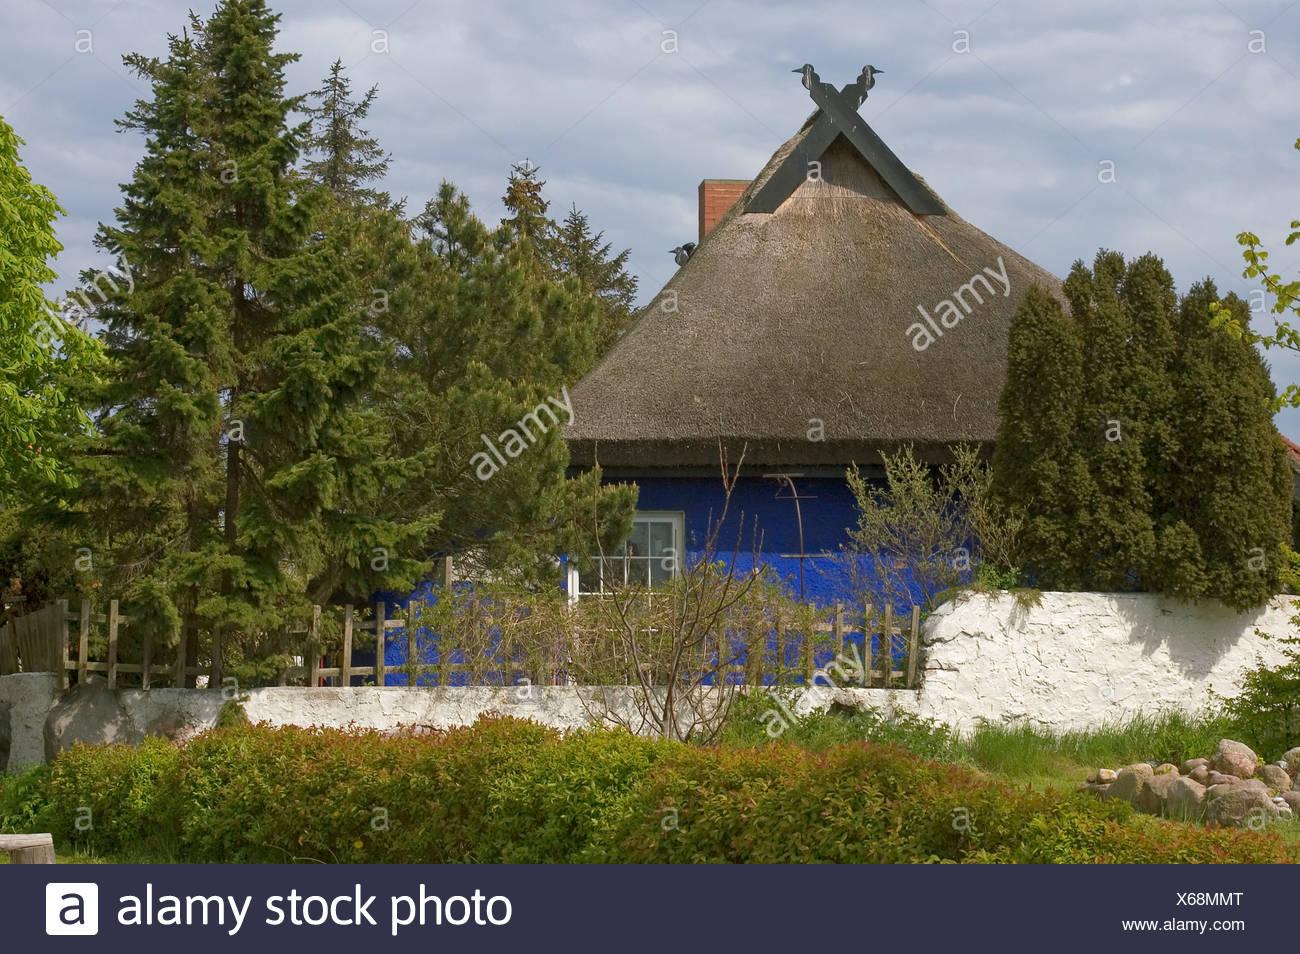 Haus Mit Scheune Mecklenburg Vorpommern Dhh Mit Grosser